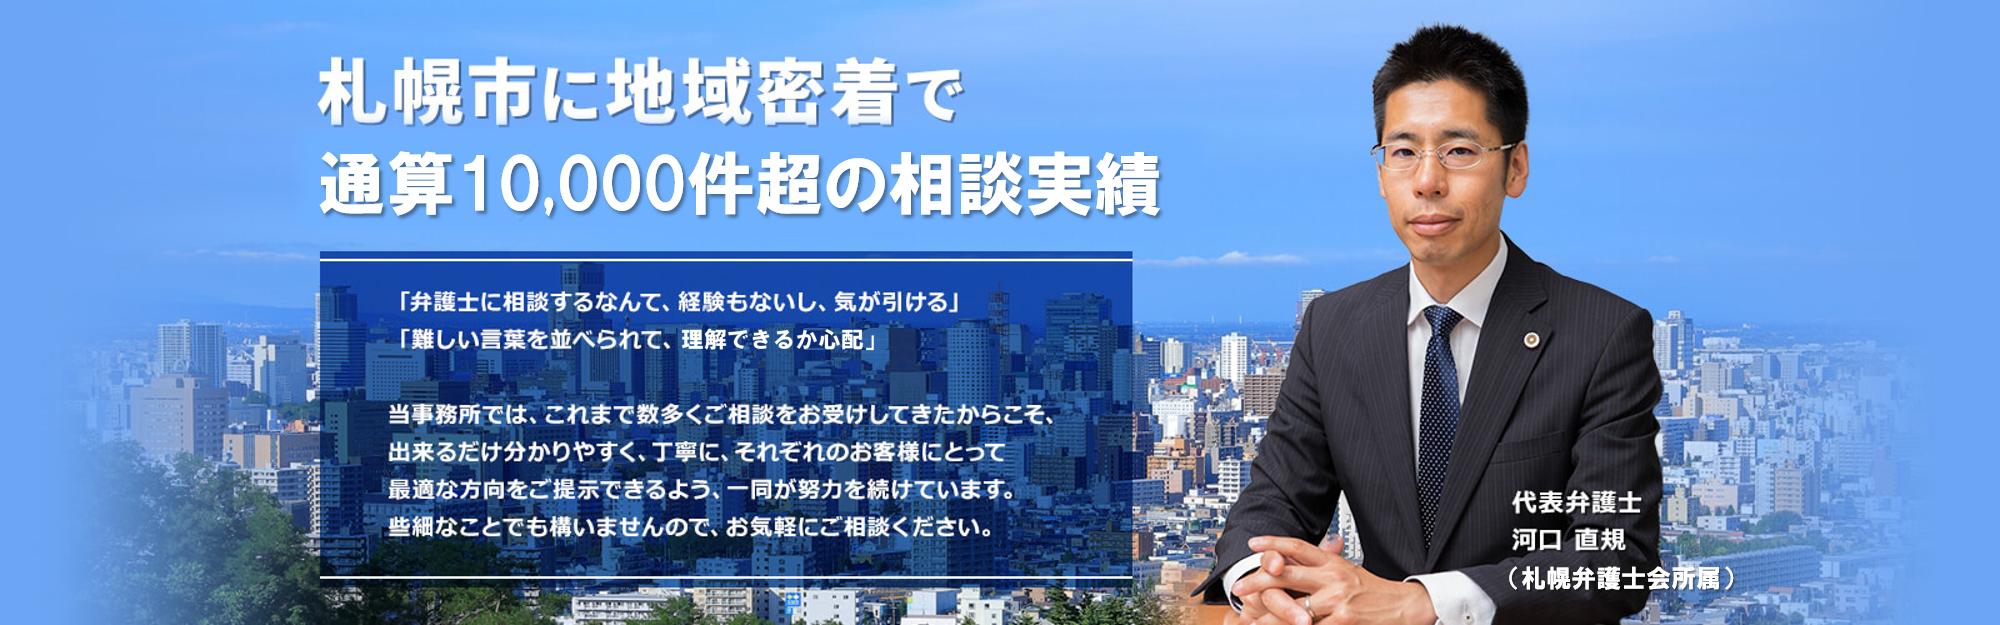 札幌市に地域密着で通算1,000件超の相談実績